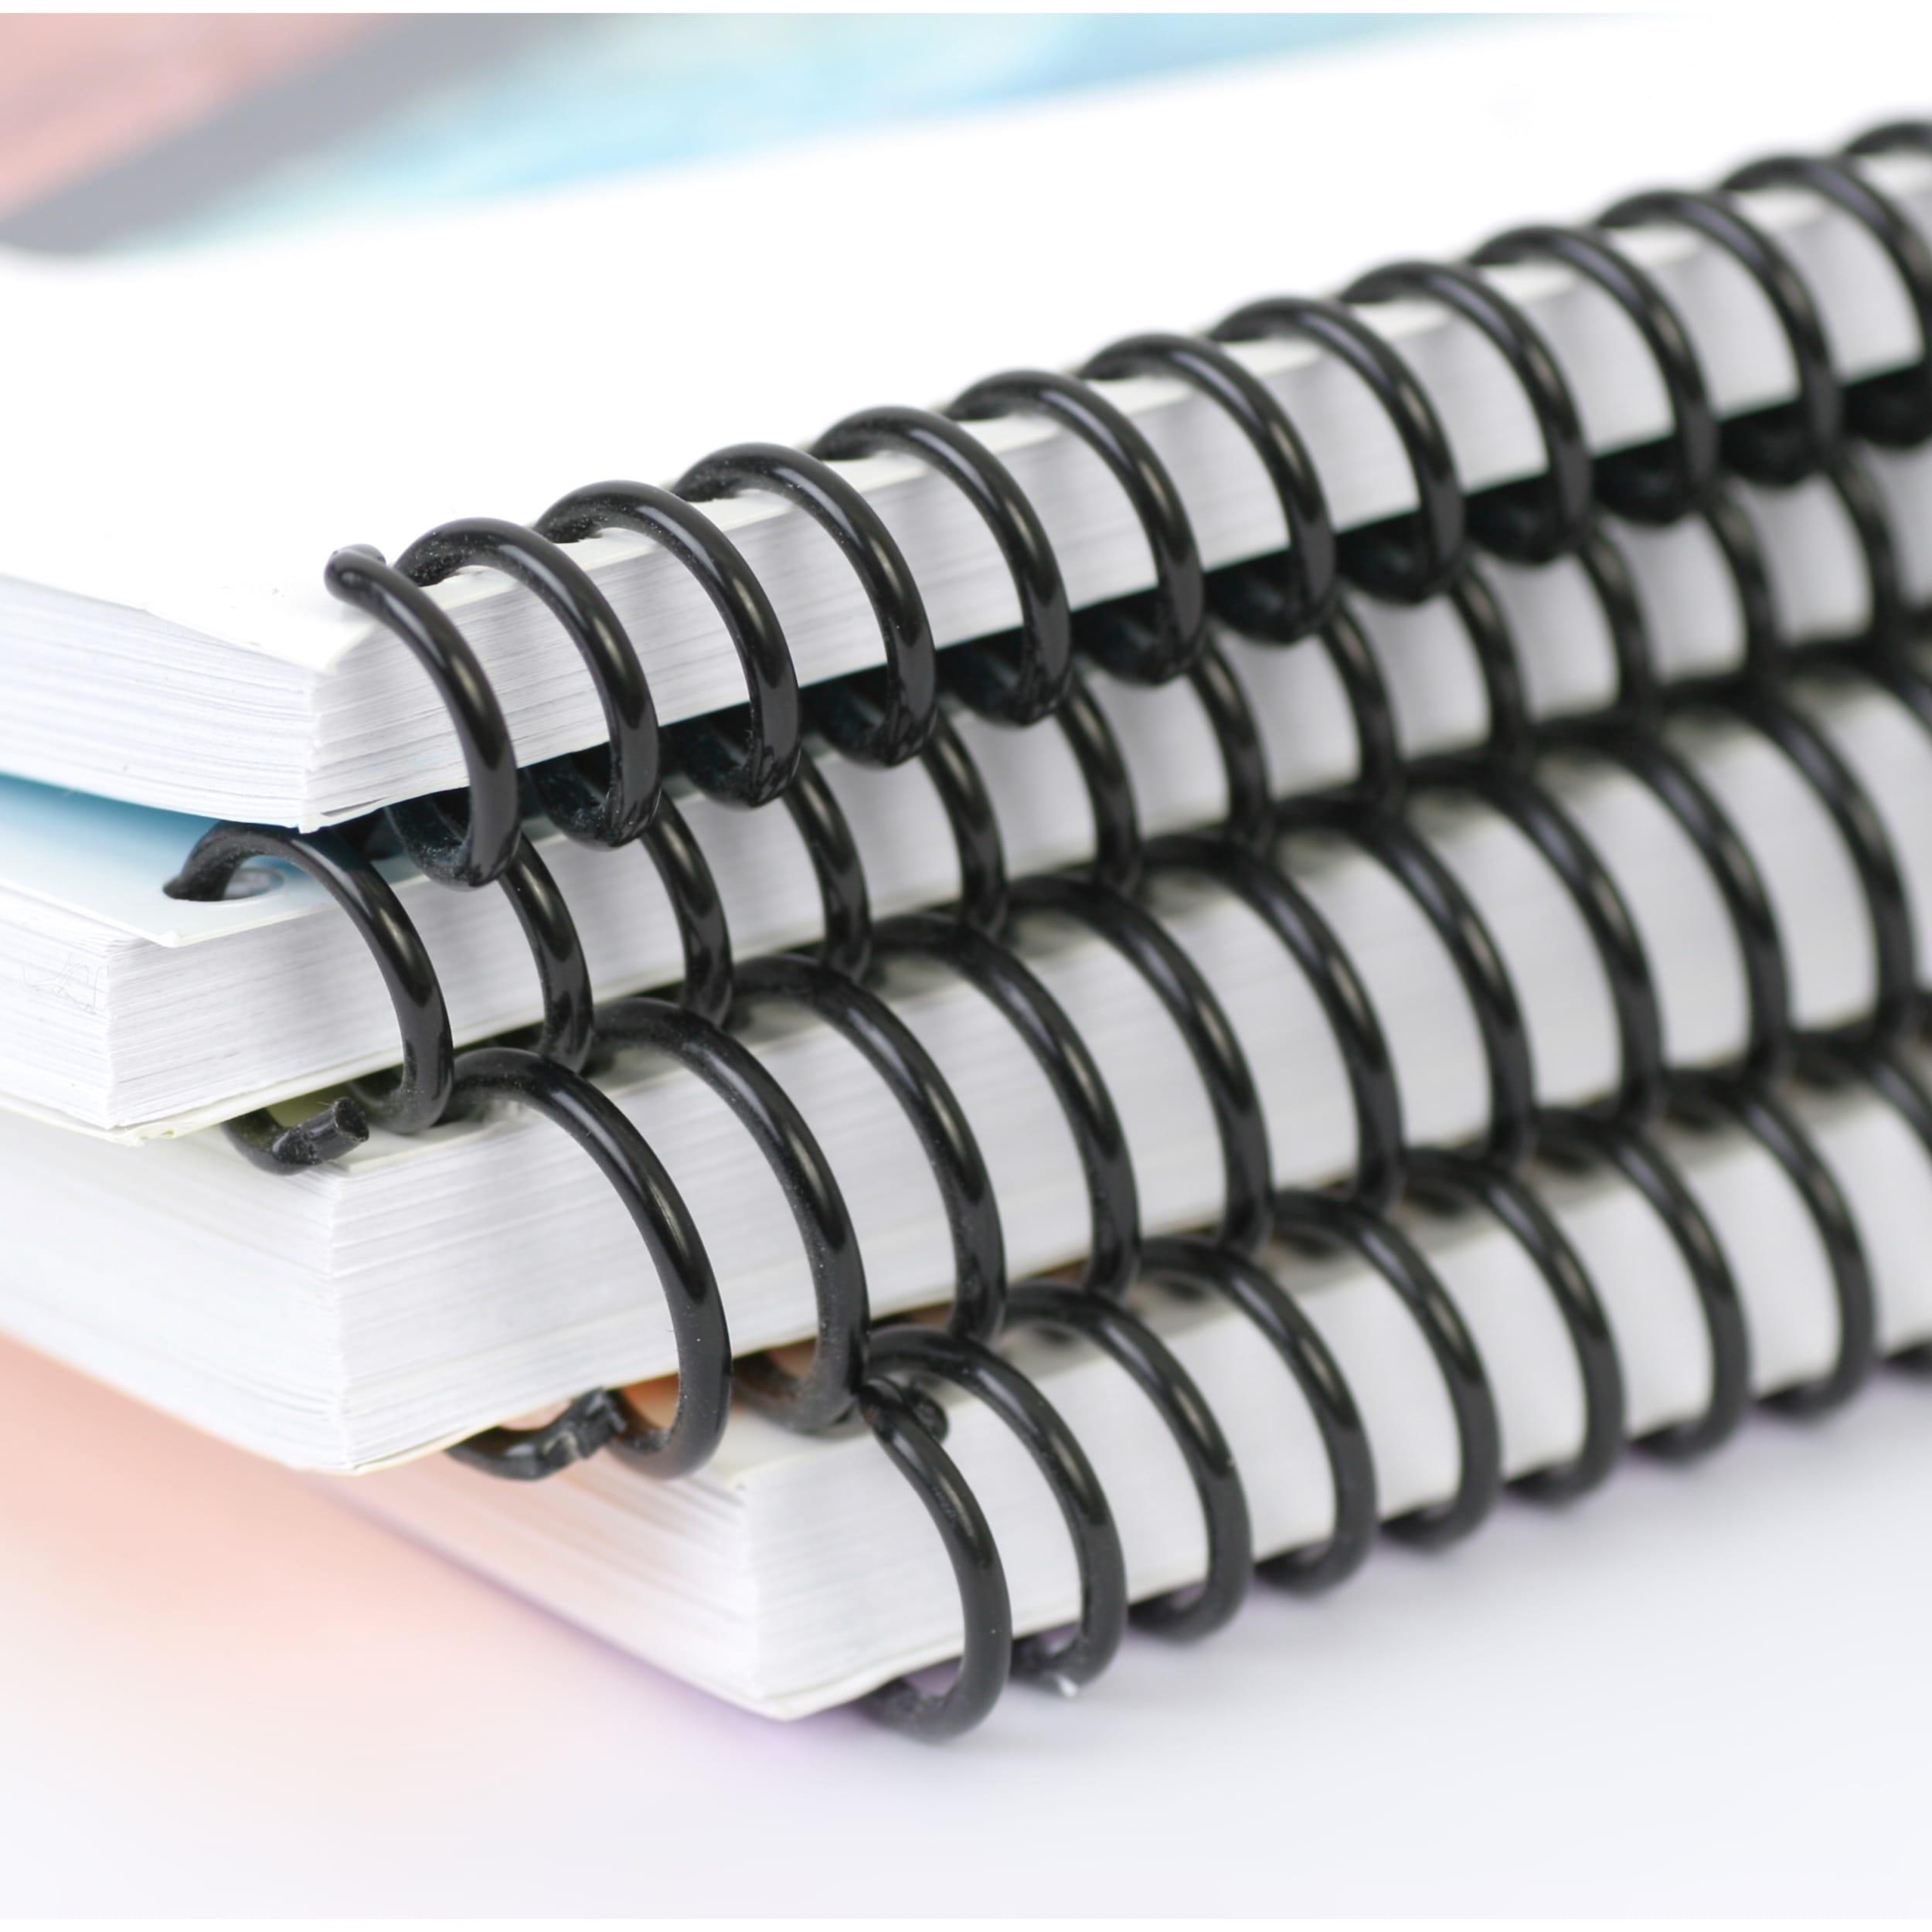 Spiral-Bound-Booklet-min